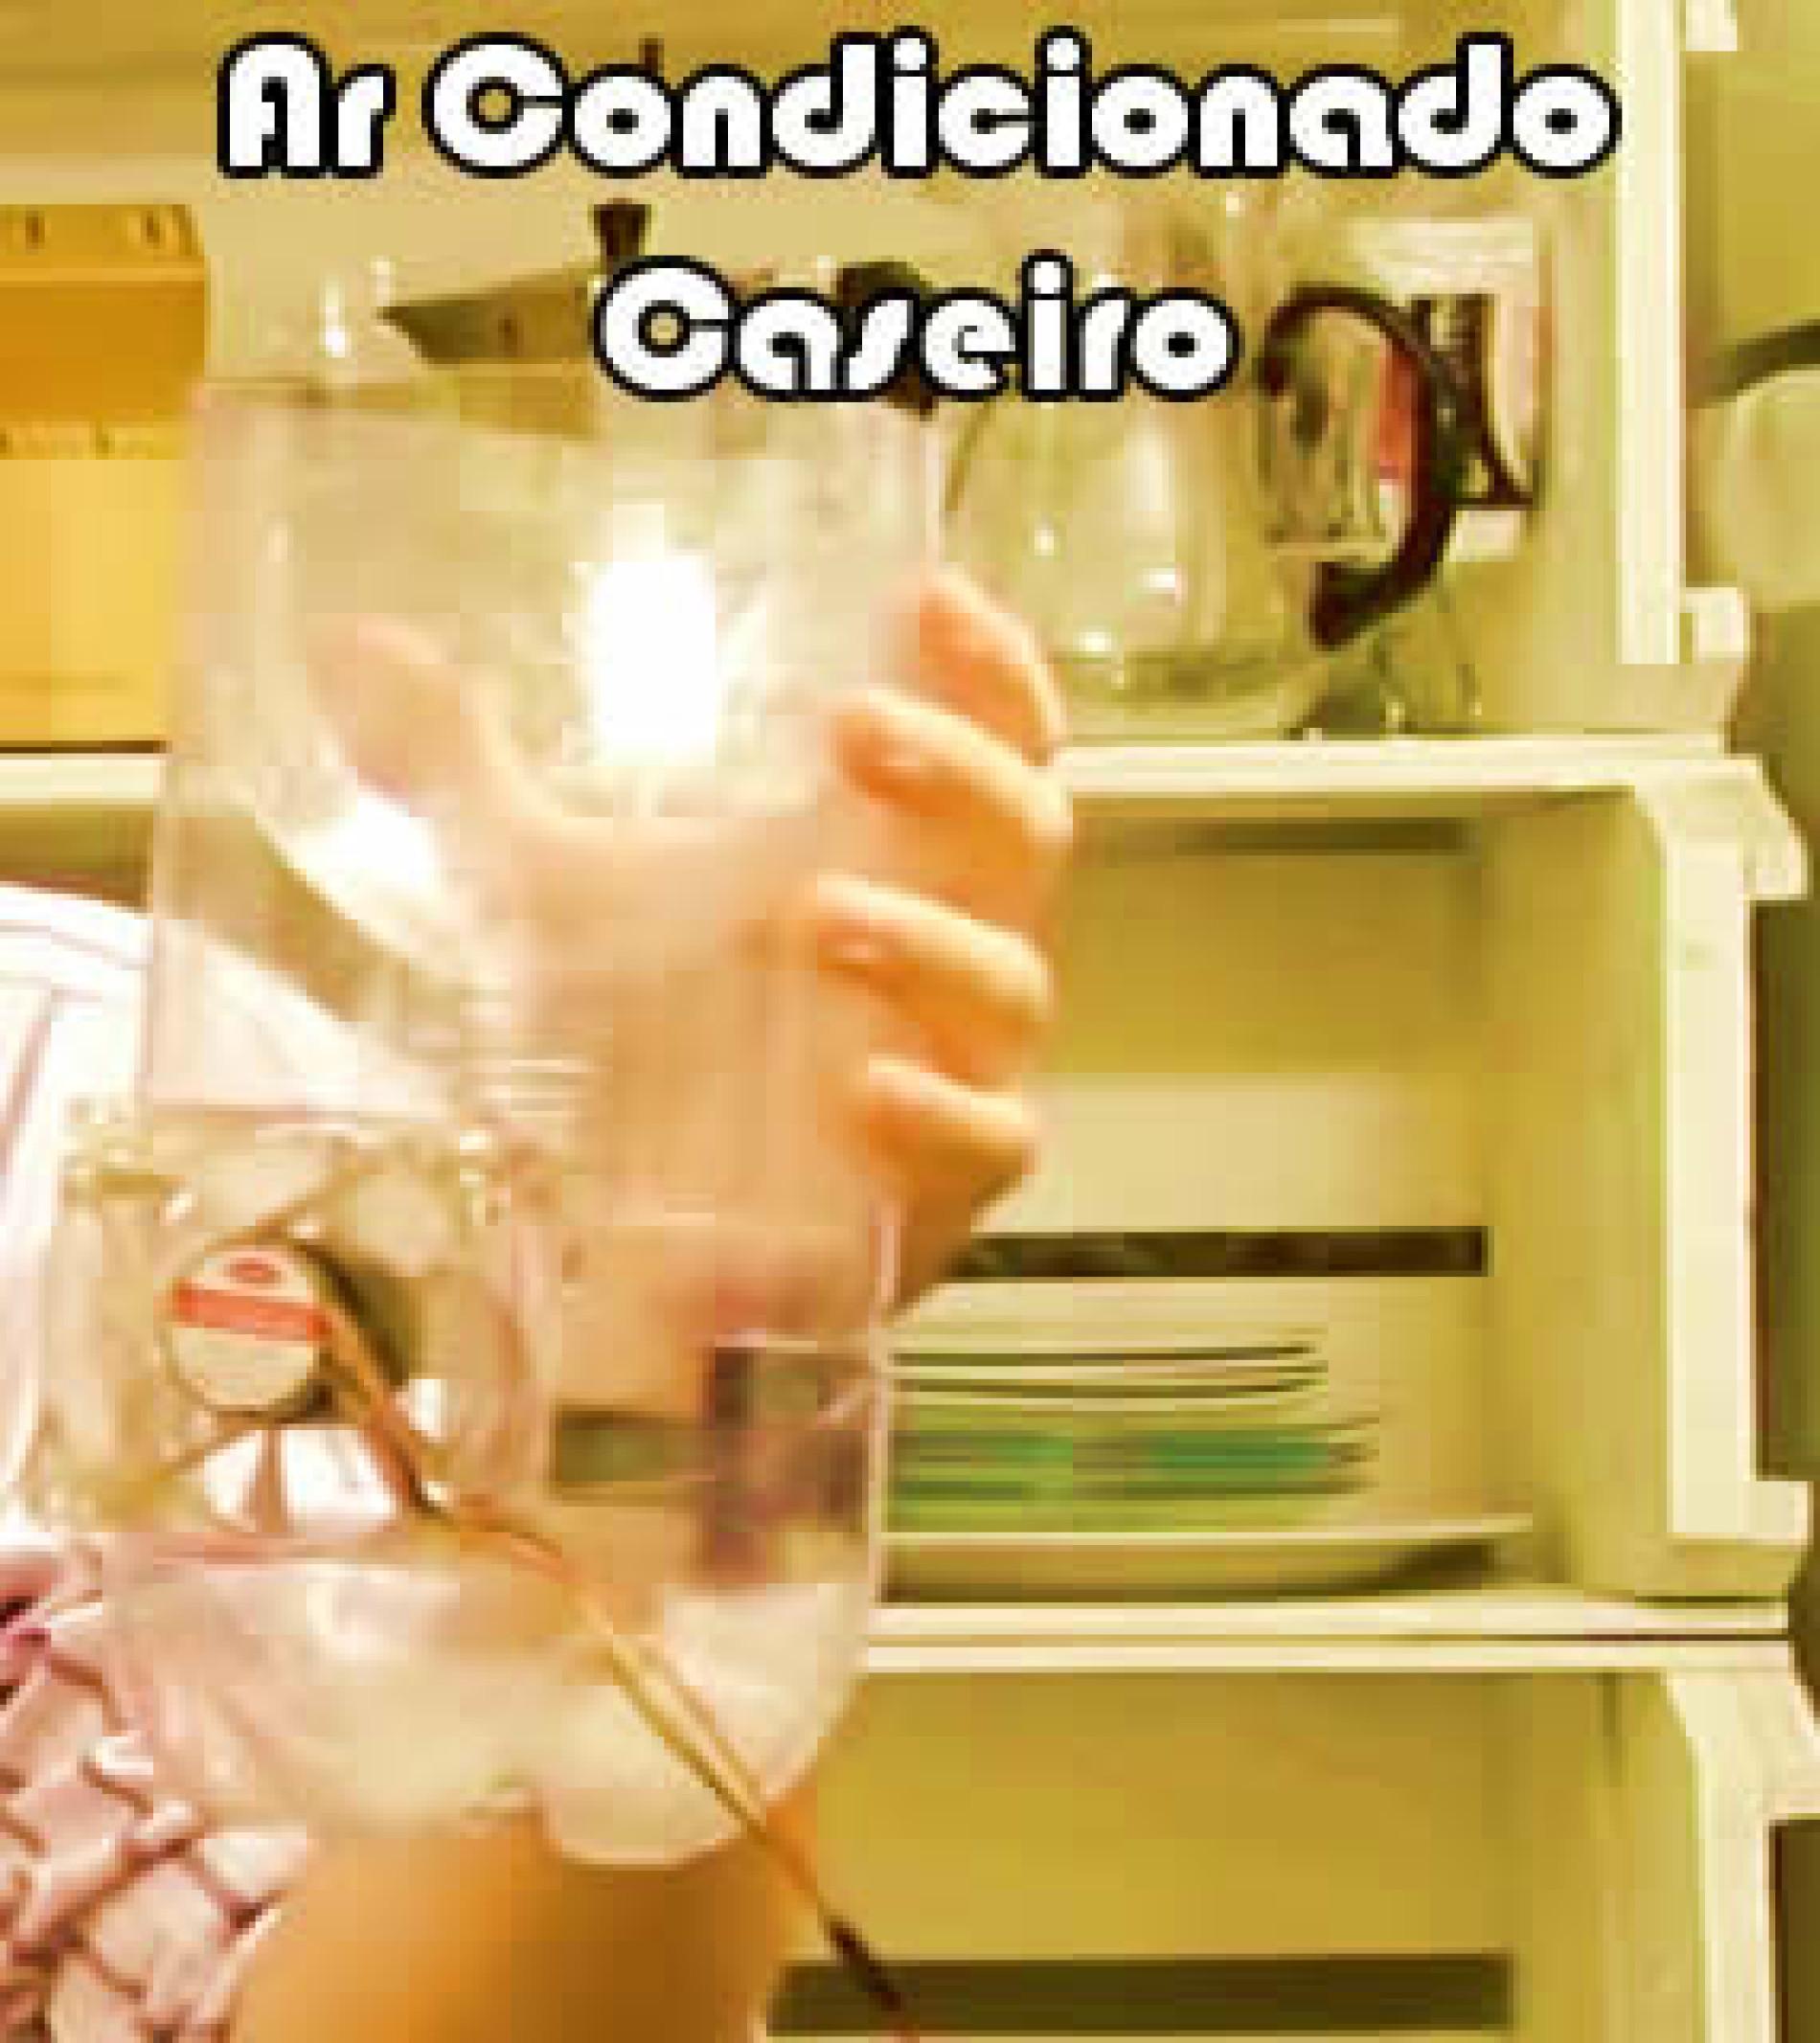 Como fazer um ar condicionado caseiro de garrafa pet